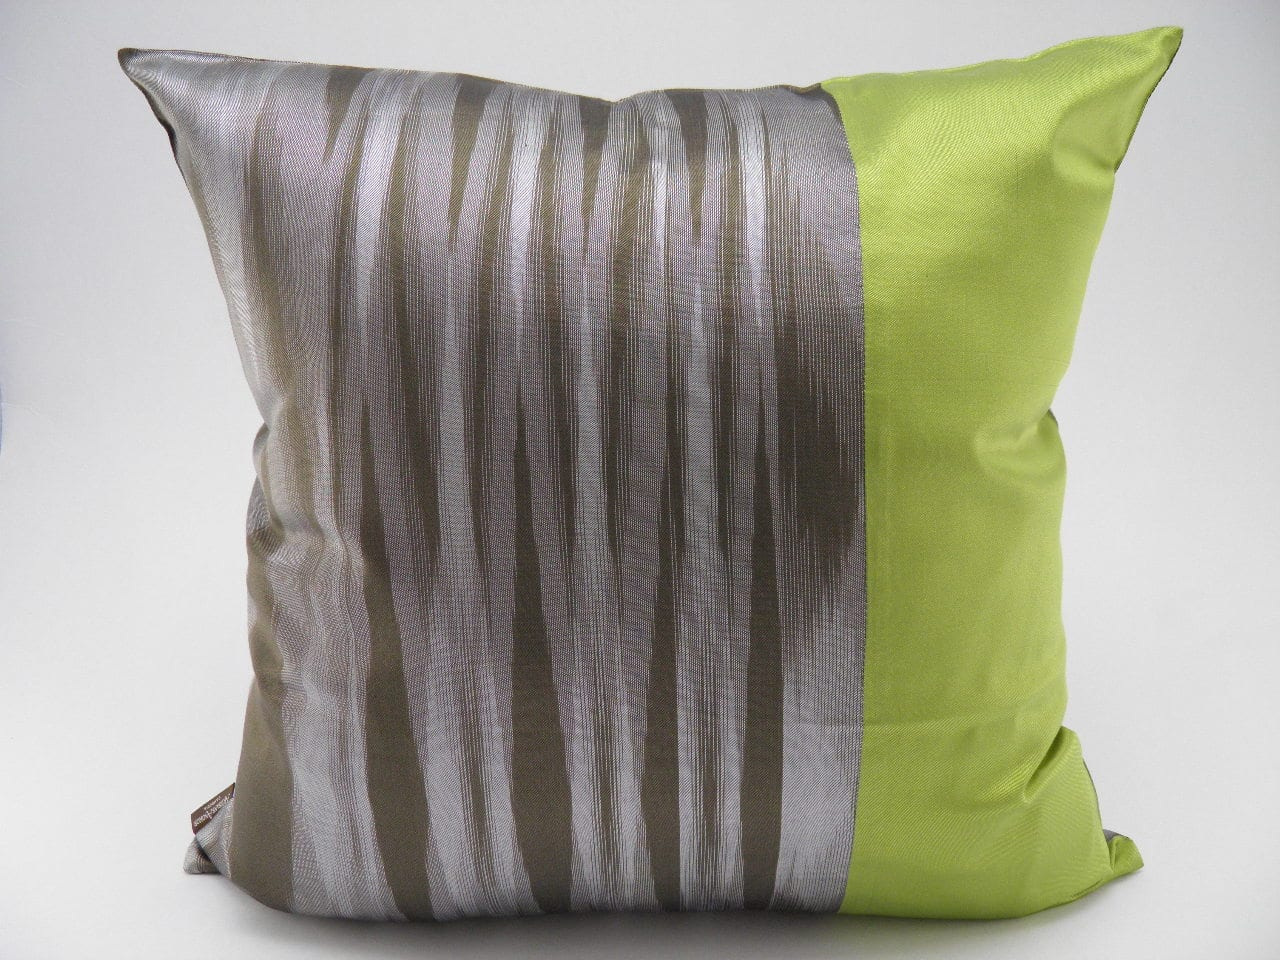 coussin ikat contemporain bronze anis 45x45cm bil p storeman. Black Bedroom Furniture Sets. Home Design Ideas